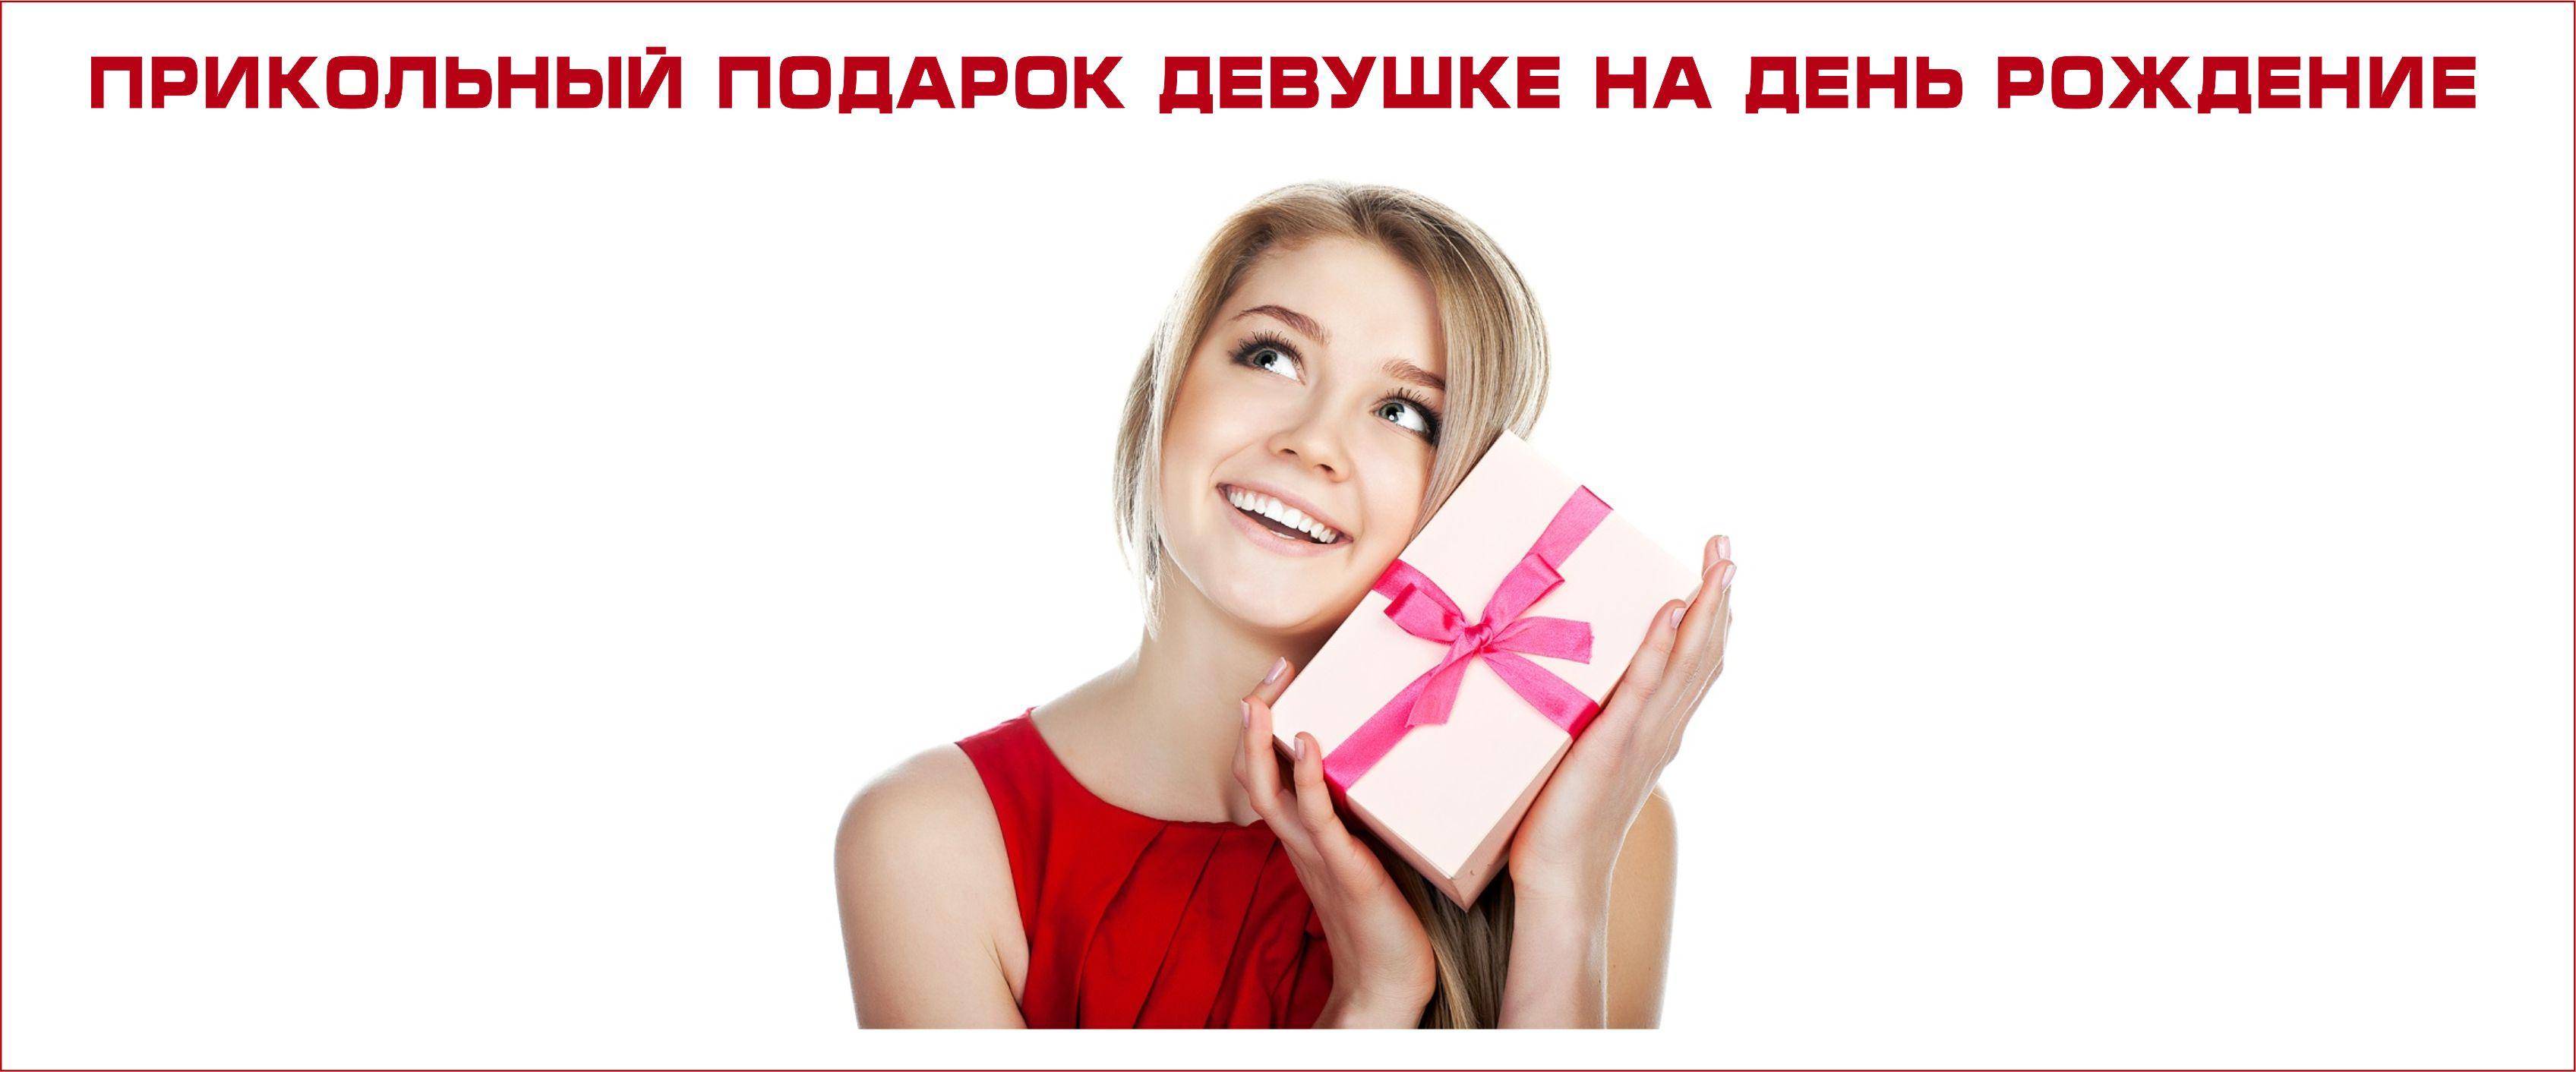 прикольный подарок девушке на день рождение